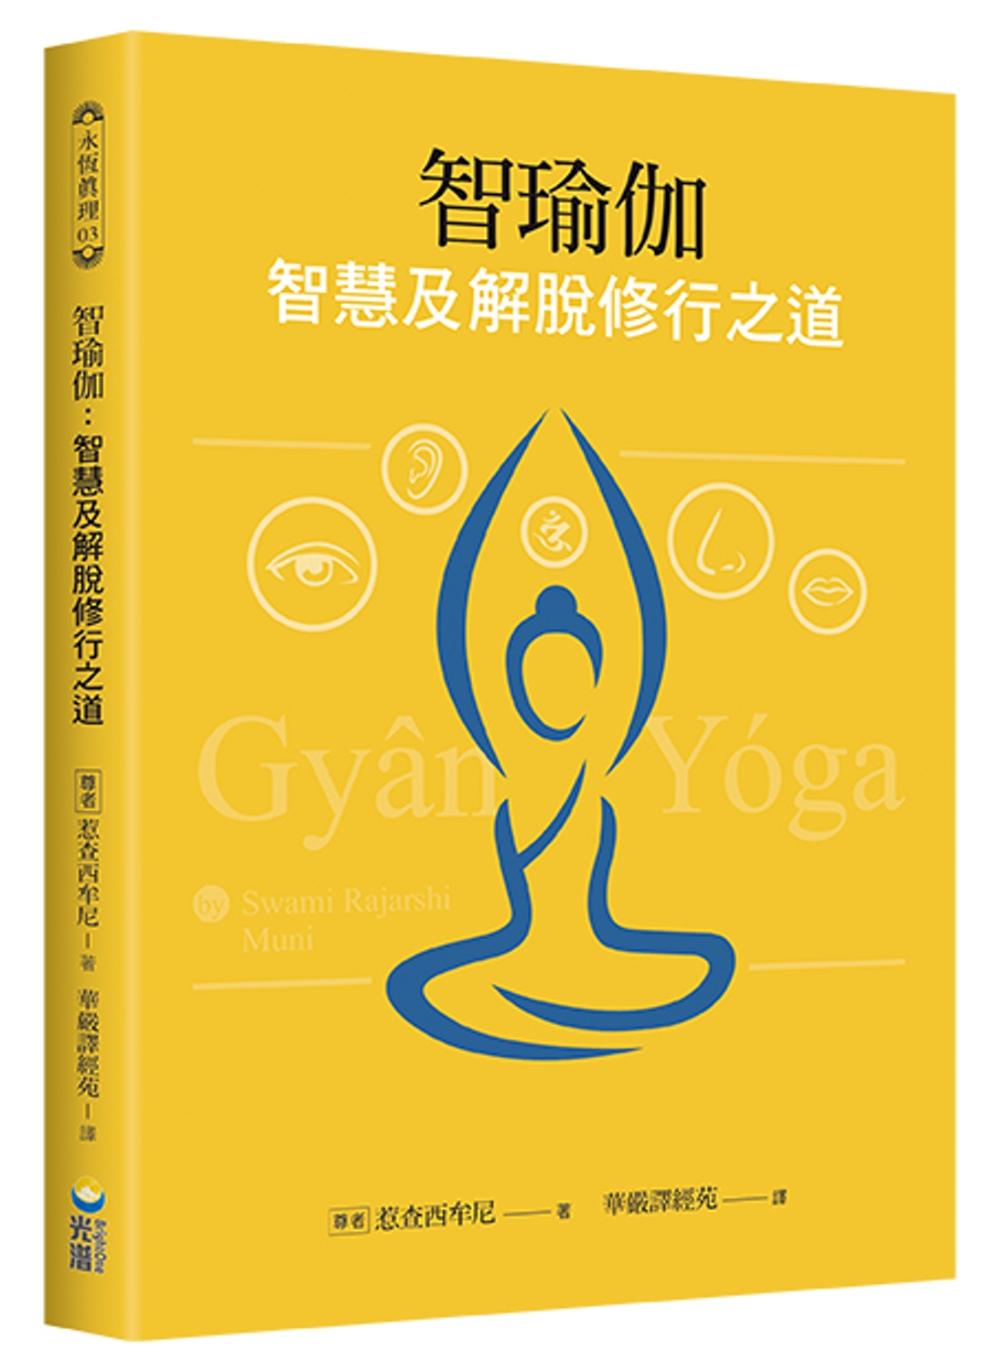 智瑜伽:智慧及解脫修行之道